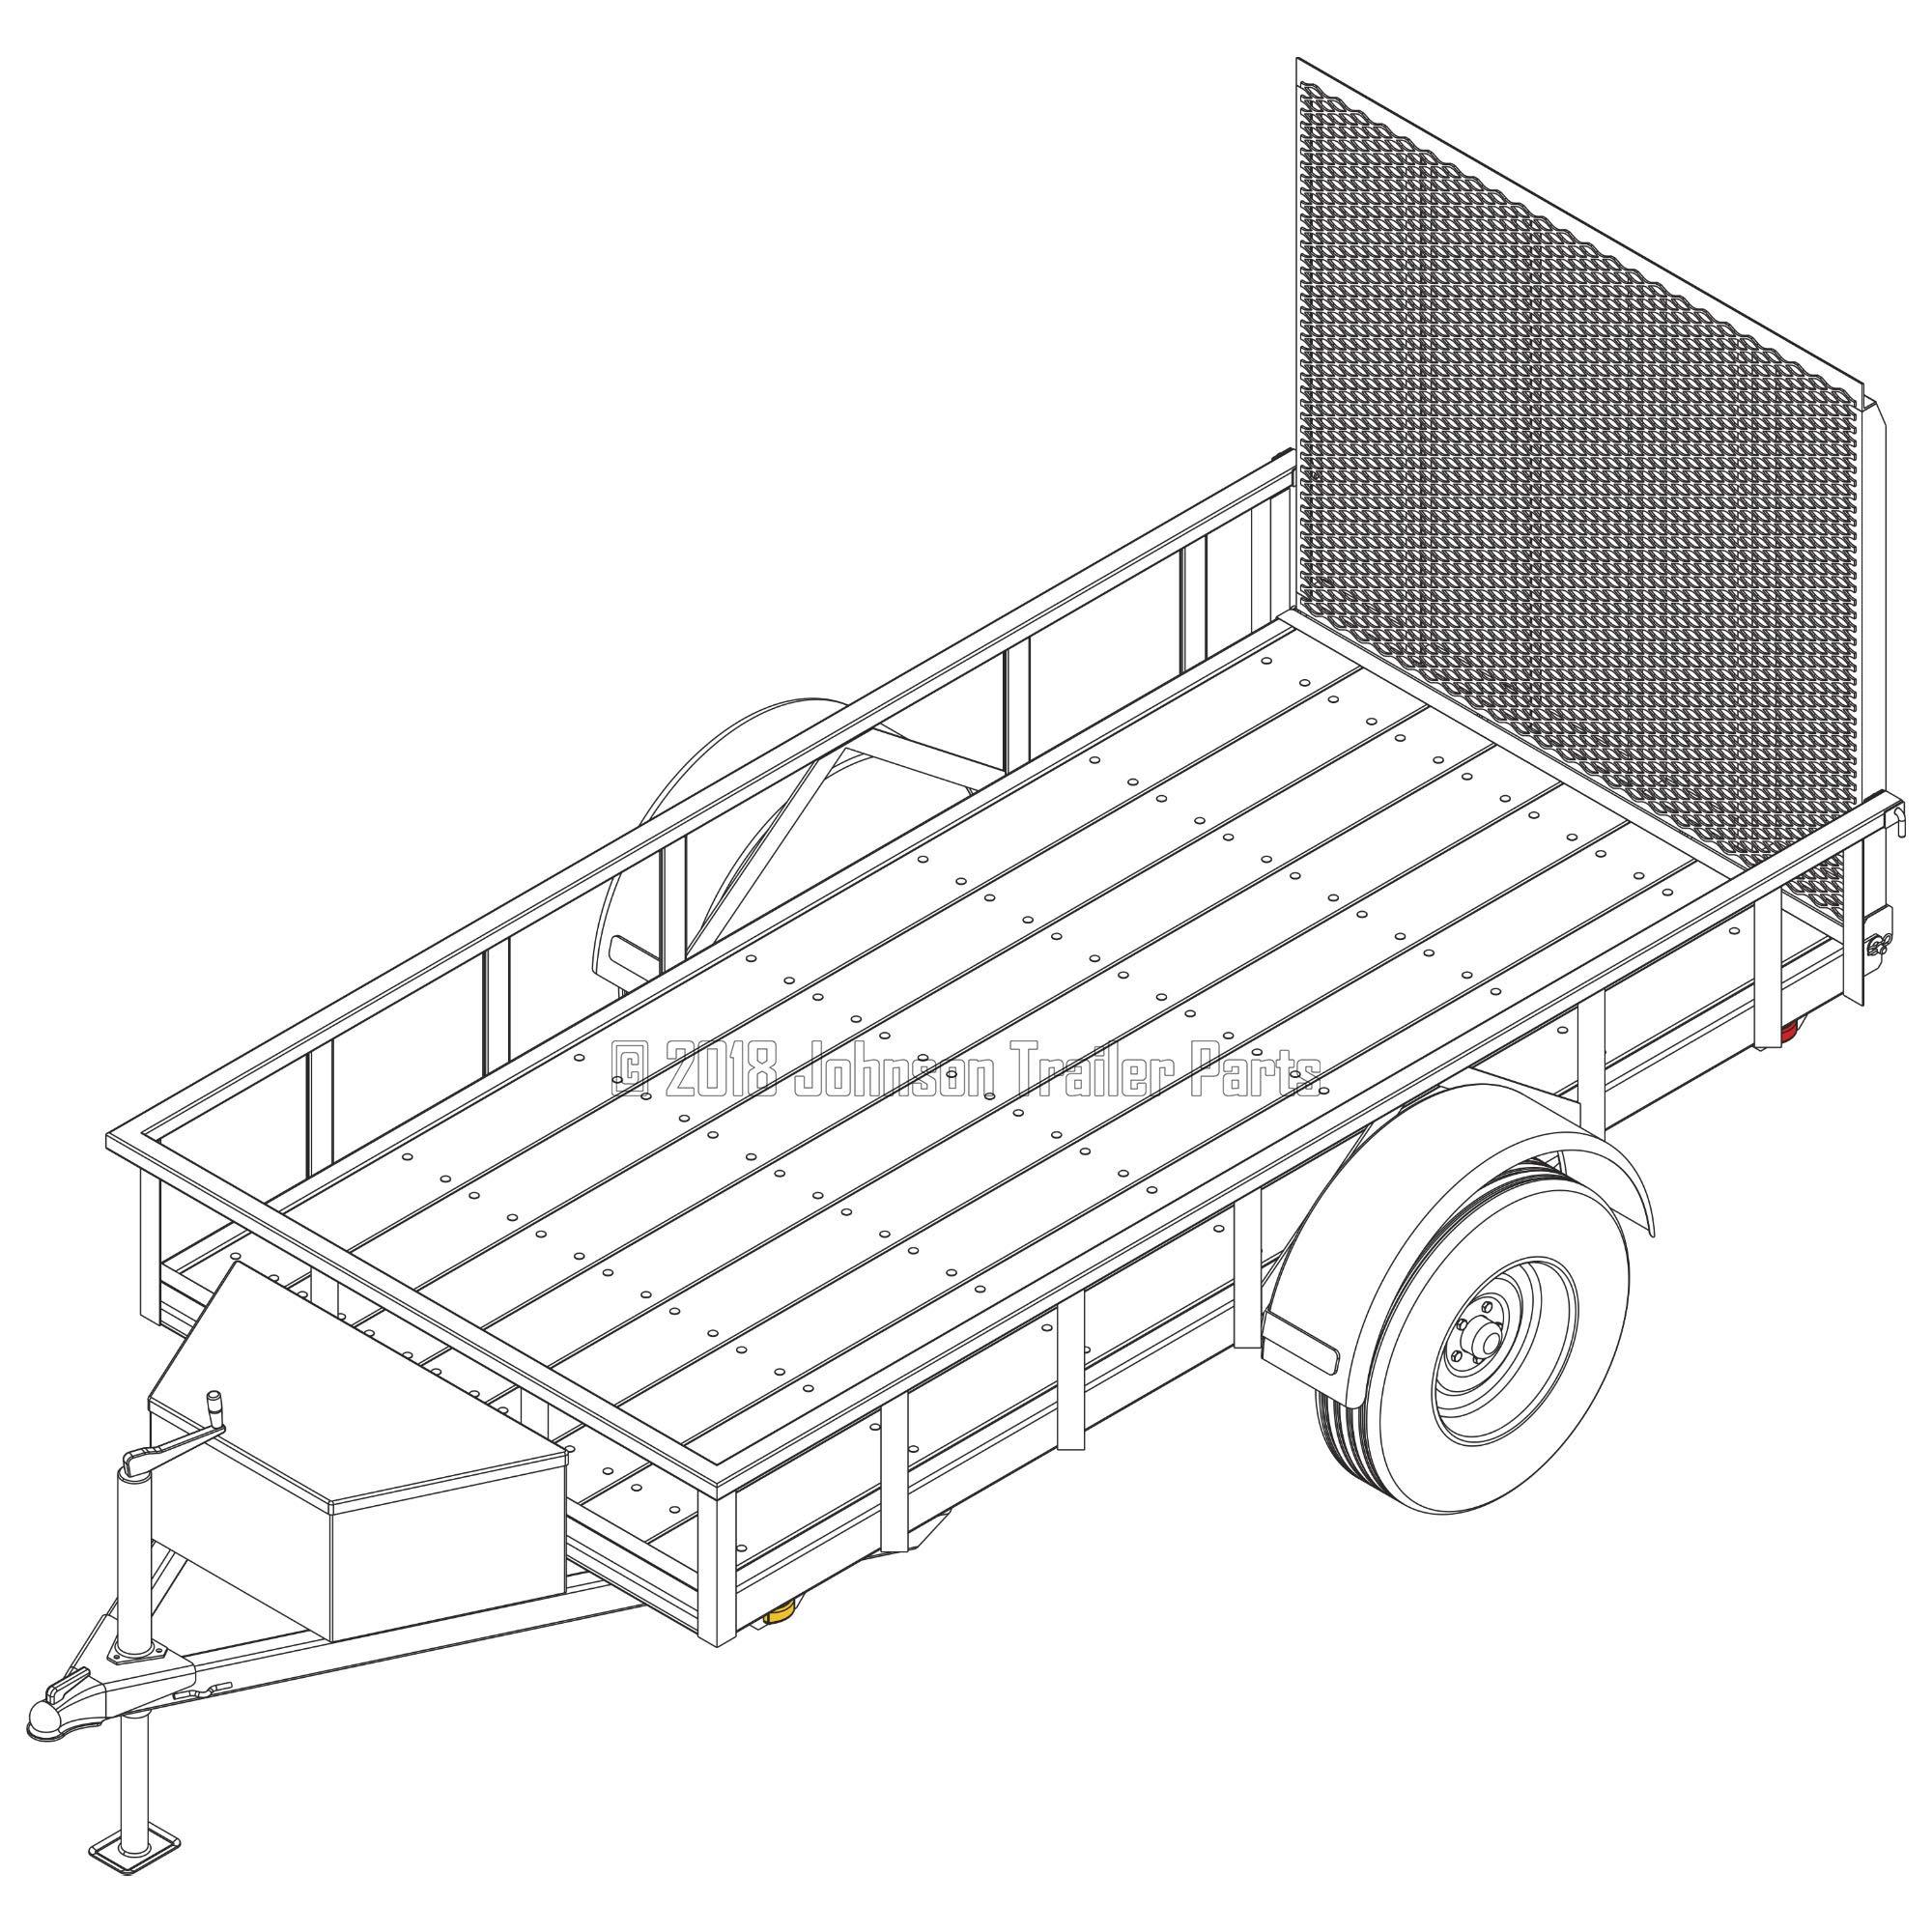 5′ x 10′ Utility Trailer Plans - 3,500 lb Capacity | Trailer Blueprints Model U60-120-35J by Johnson Trailer Parts